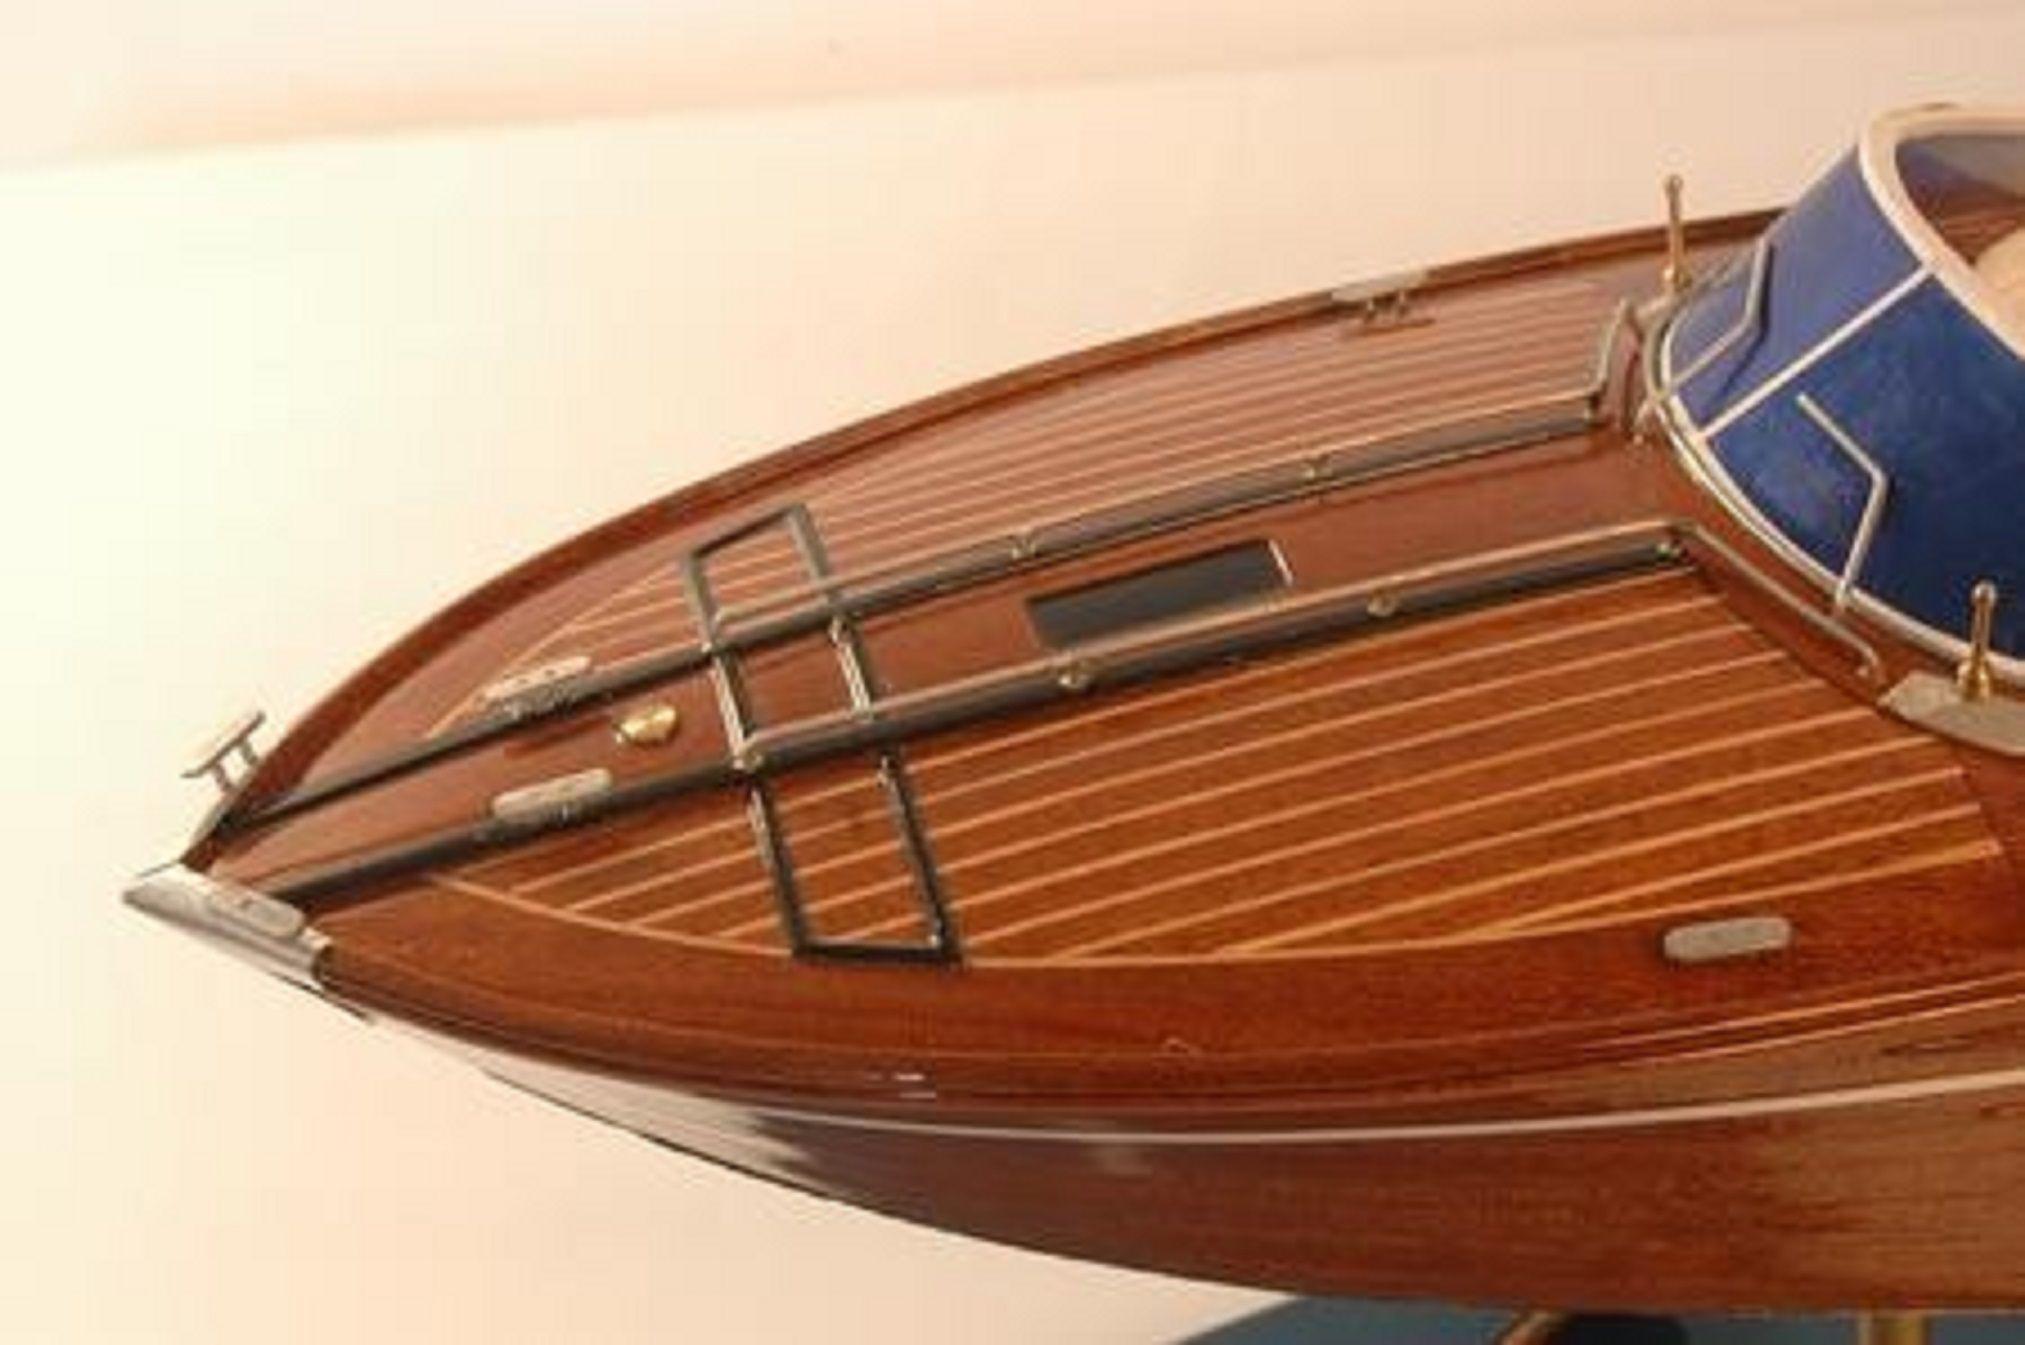 226-7581-Riva-Rama-44-model-boat-Premier-Range